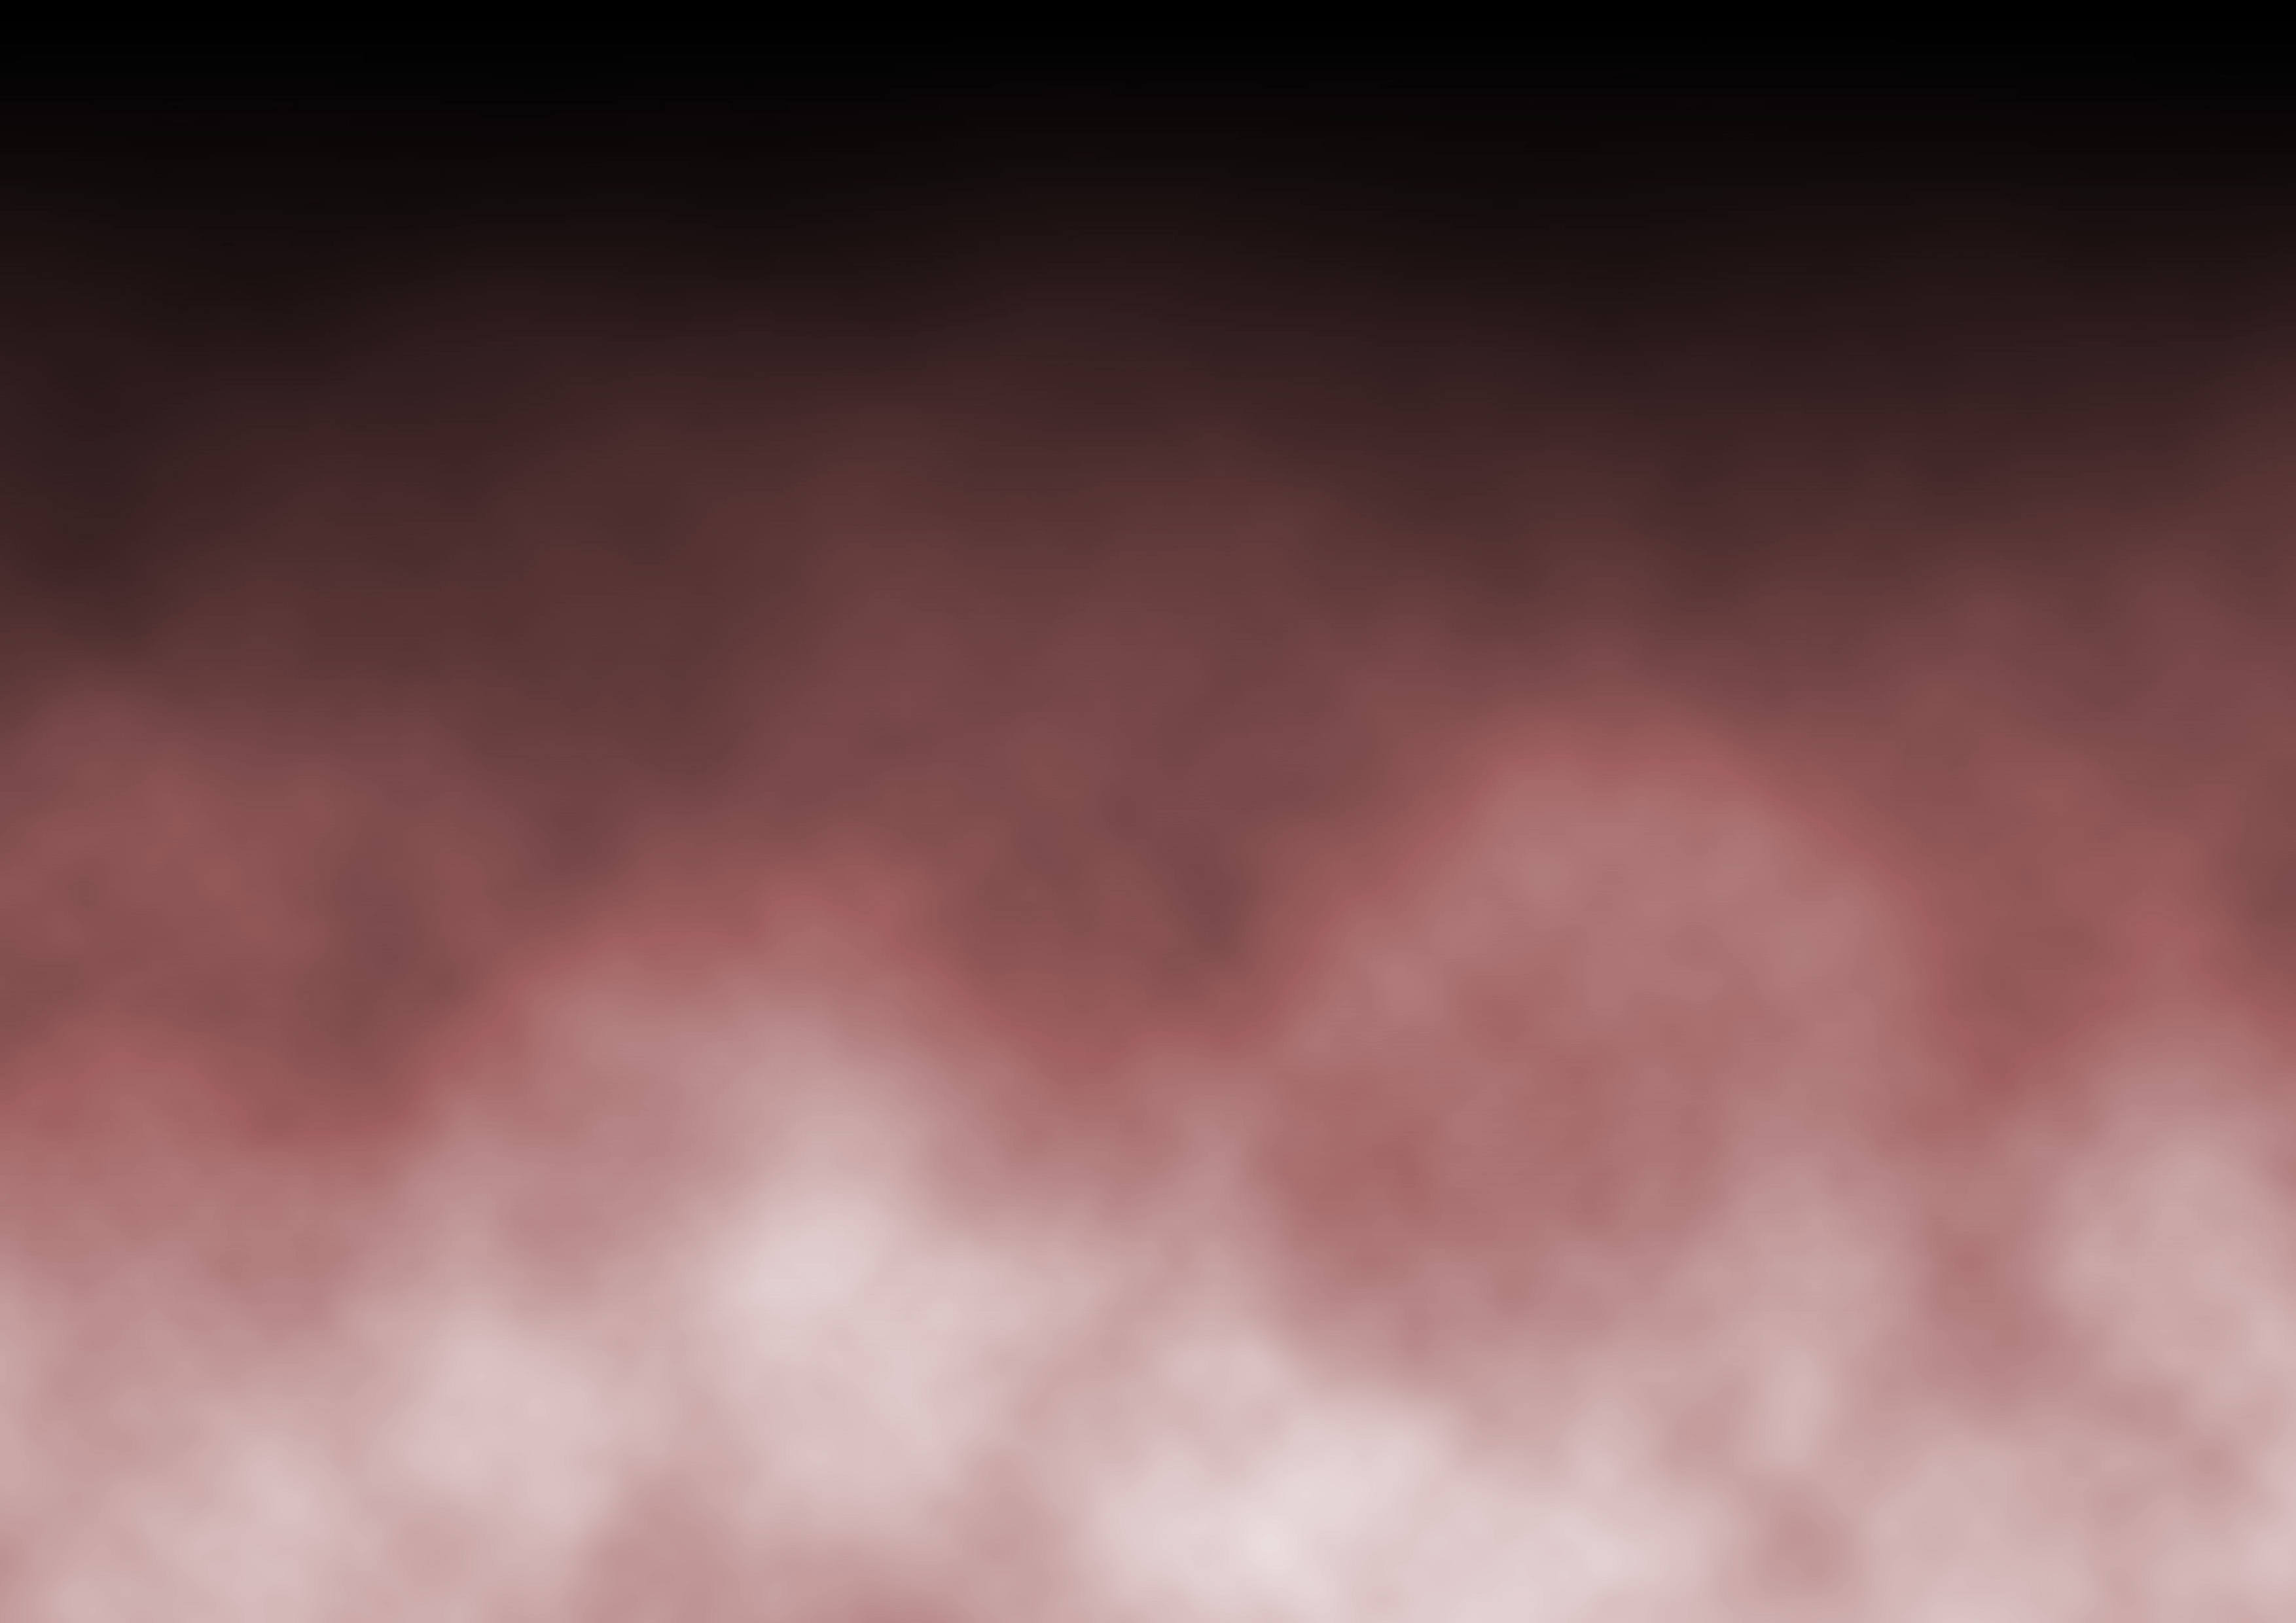 Index of /~woljo/photoshop/extra/1. - 391.1KB